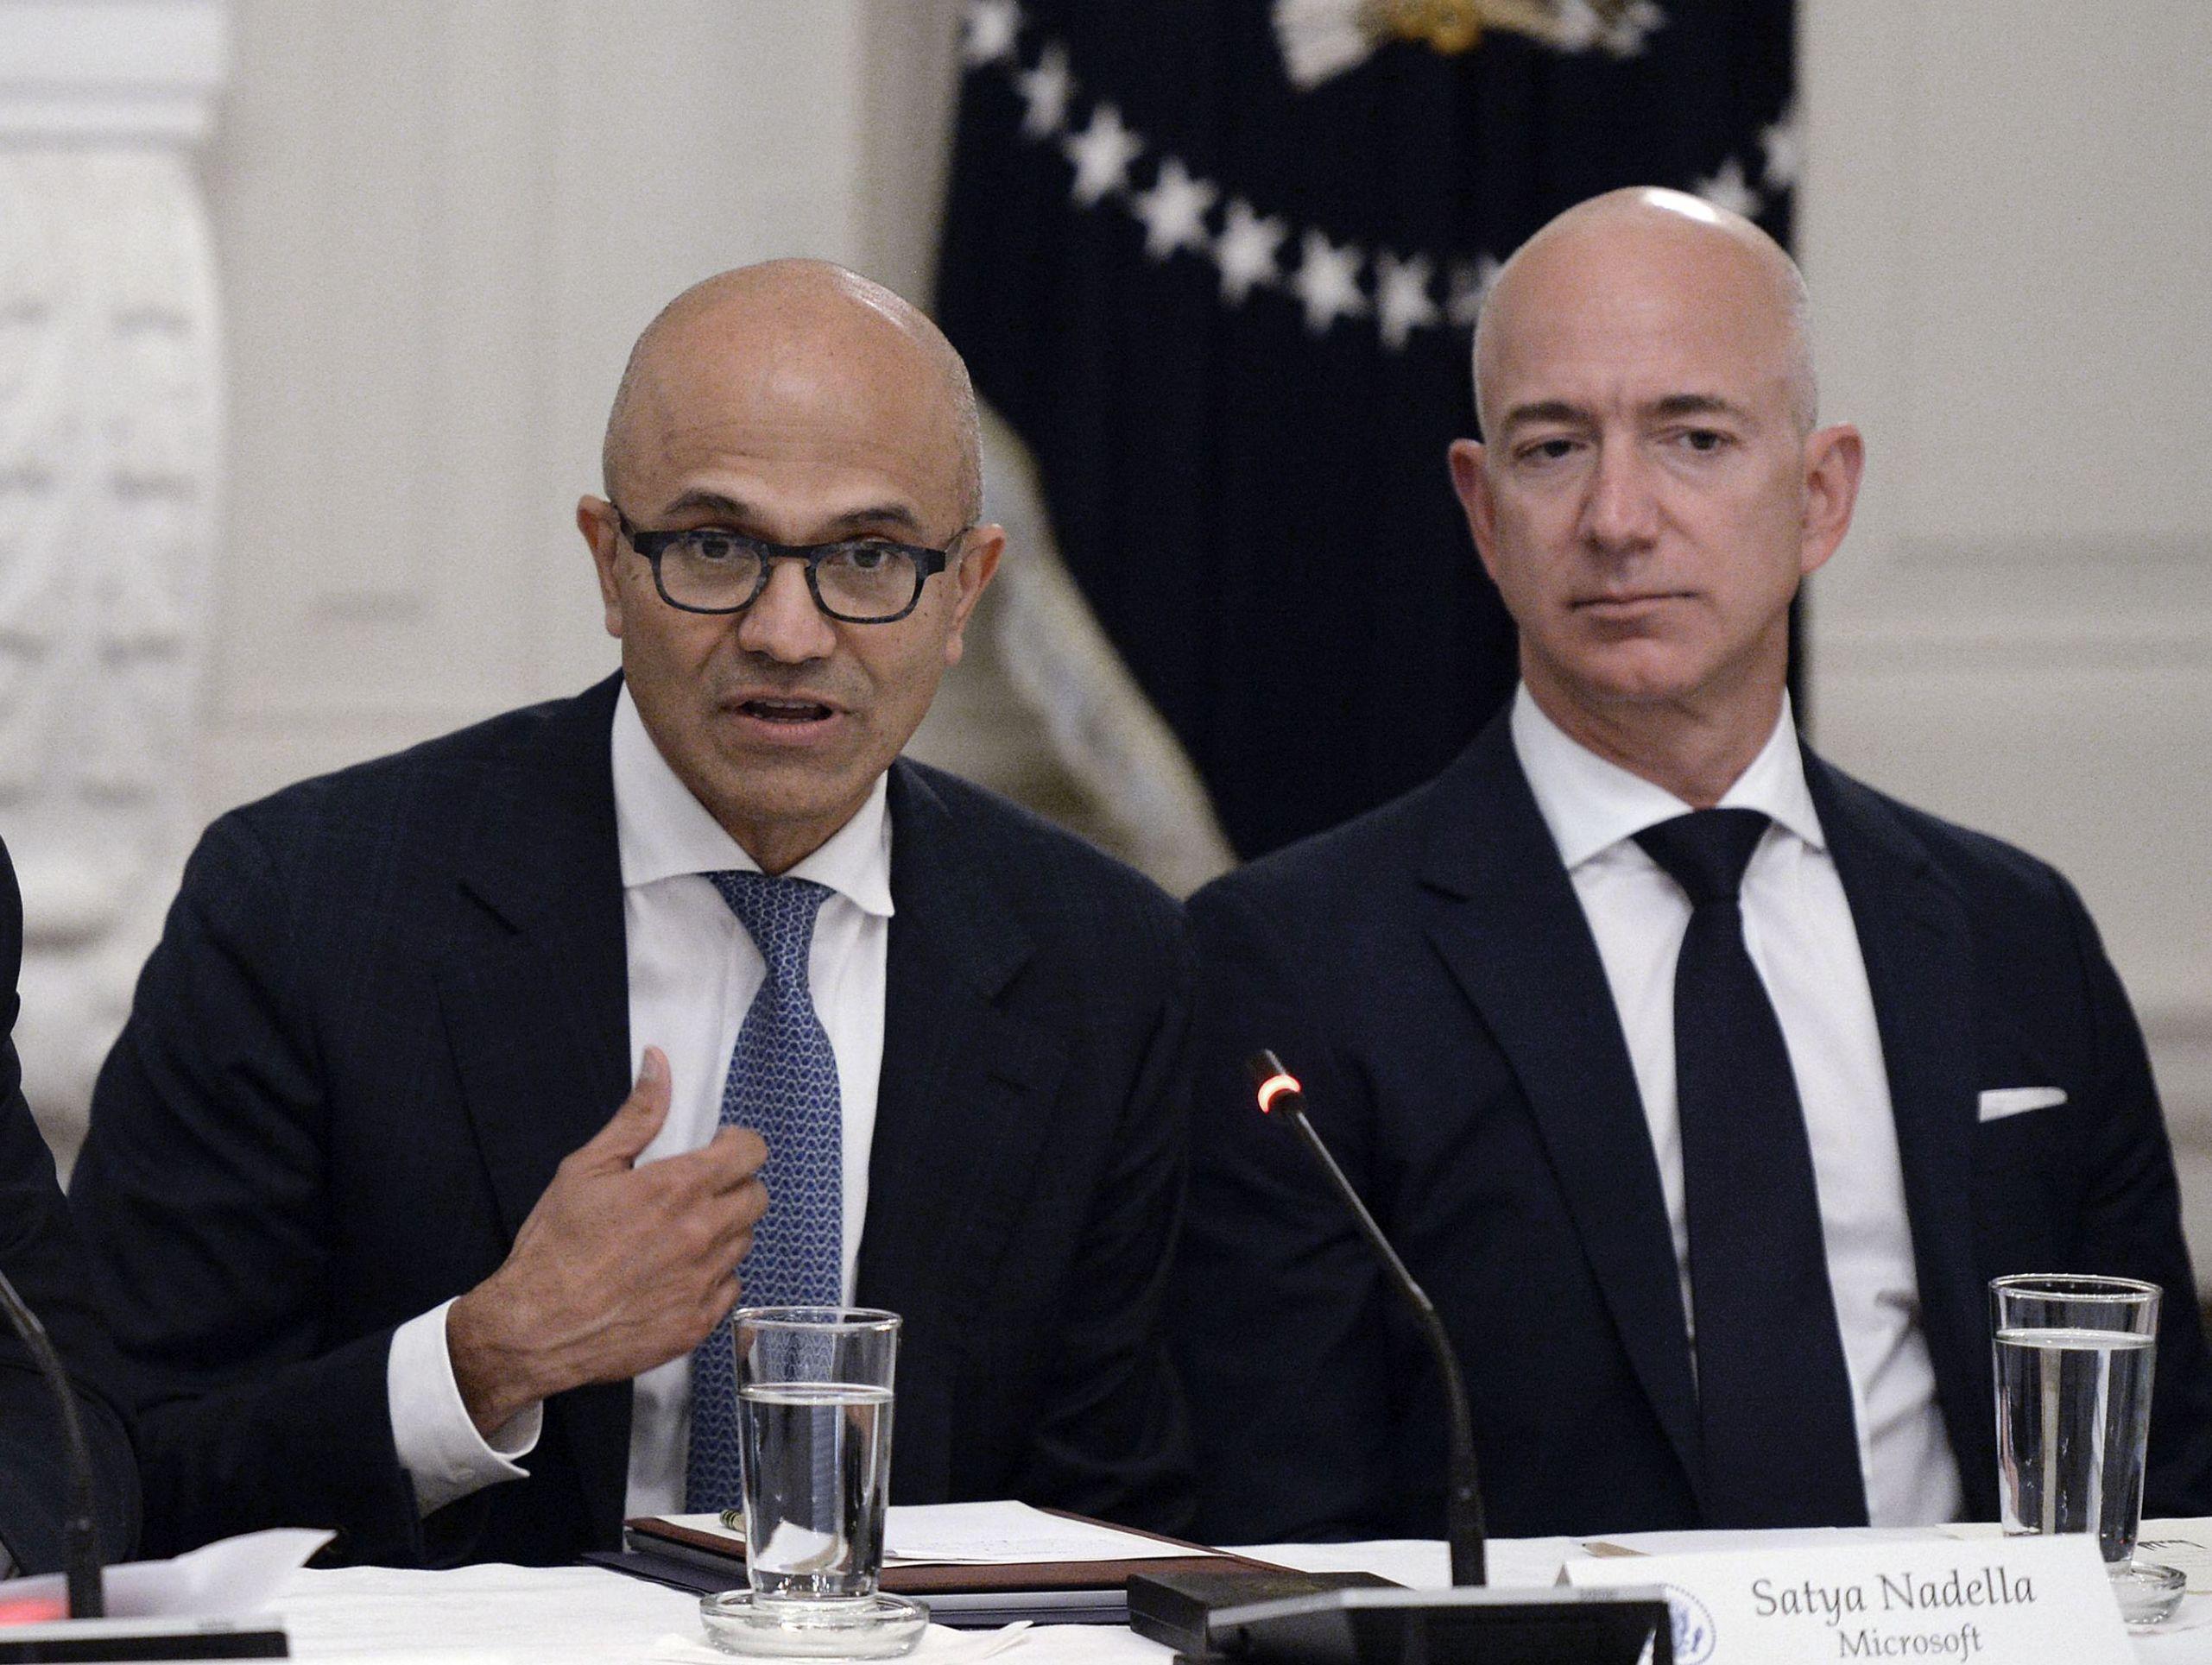 Un trib de indieni americani a dat în judecată Amazon și Microsoft. Satya Nadella, directorul general al Microsoft (stânga) și Jeff Bezos, fondatorul și directorul executiv al Amazon.com (dreapta)